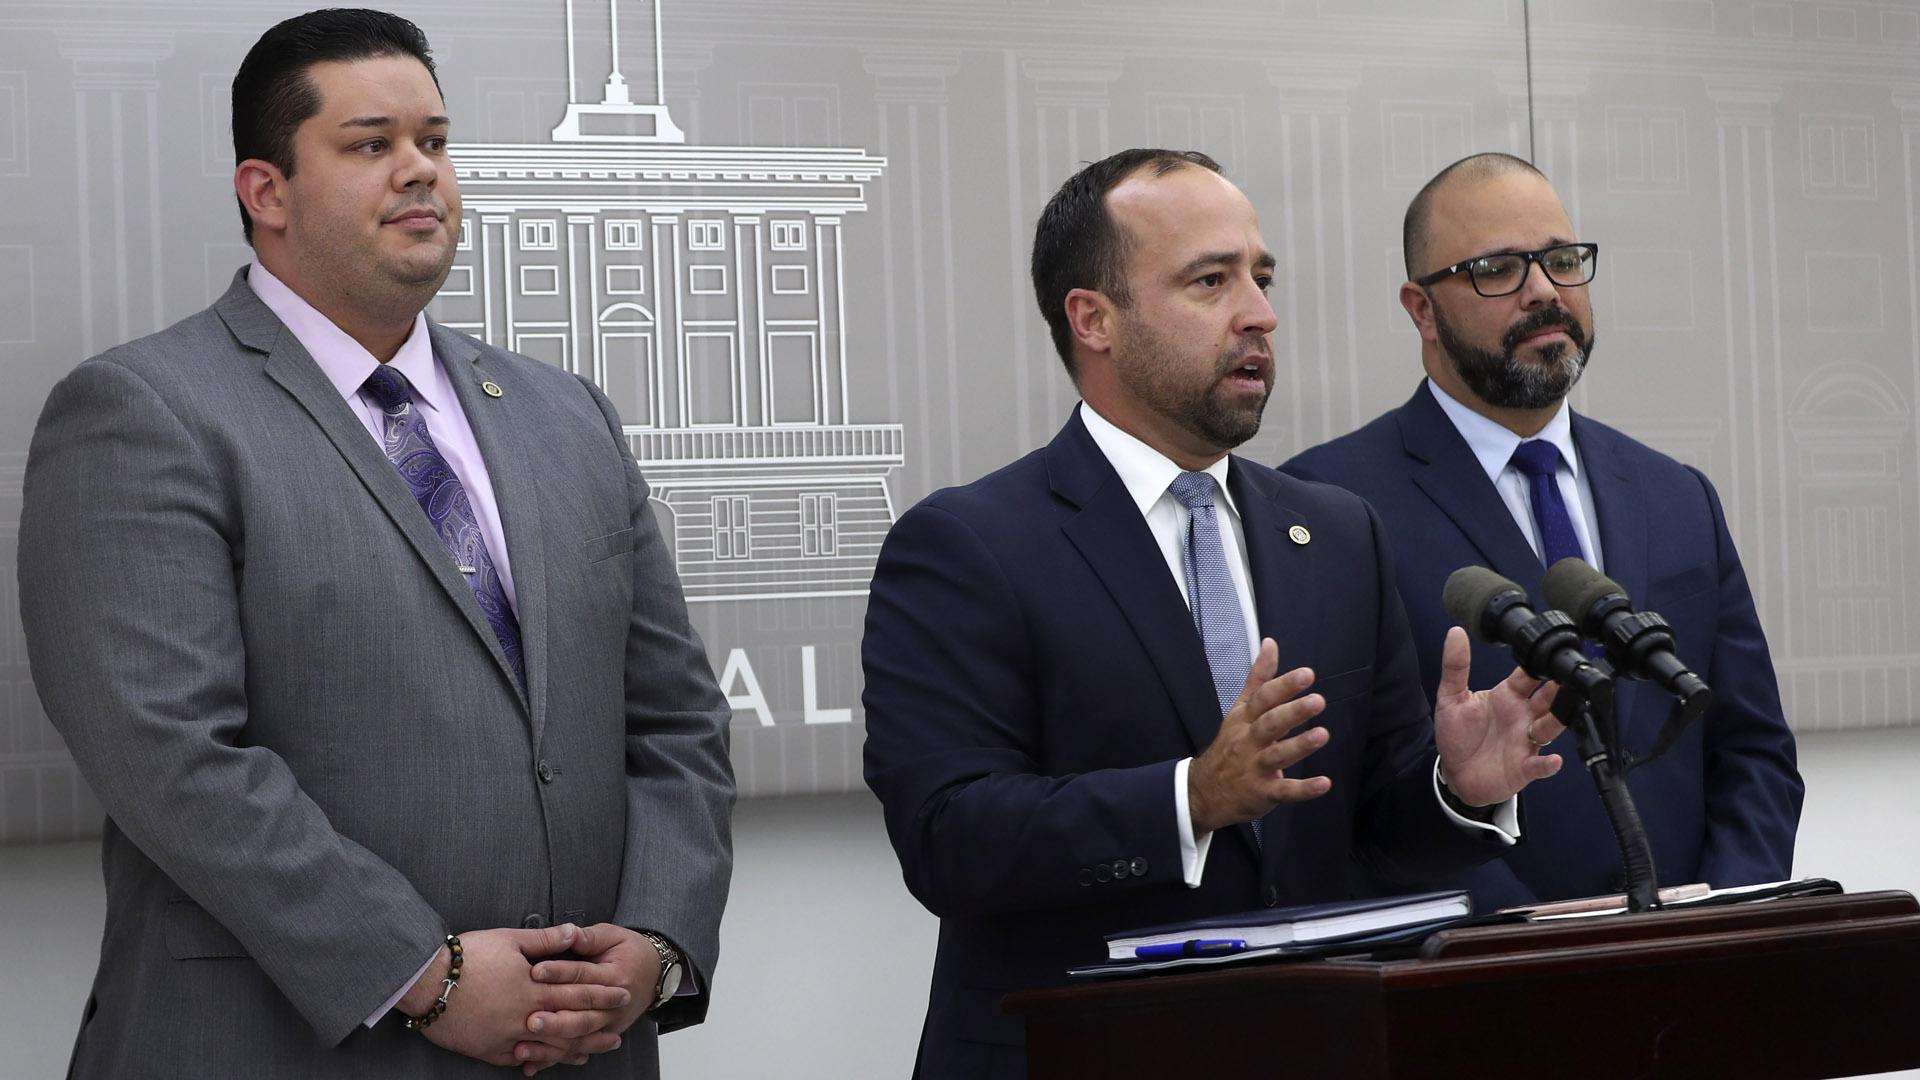 El gobierno quiere restaurar la imagen de Puerto Rico